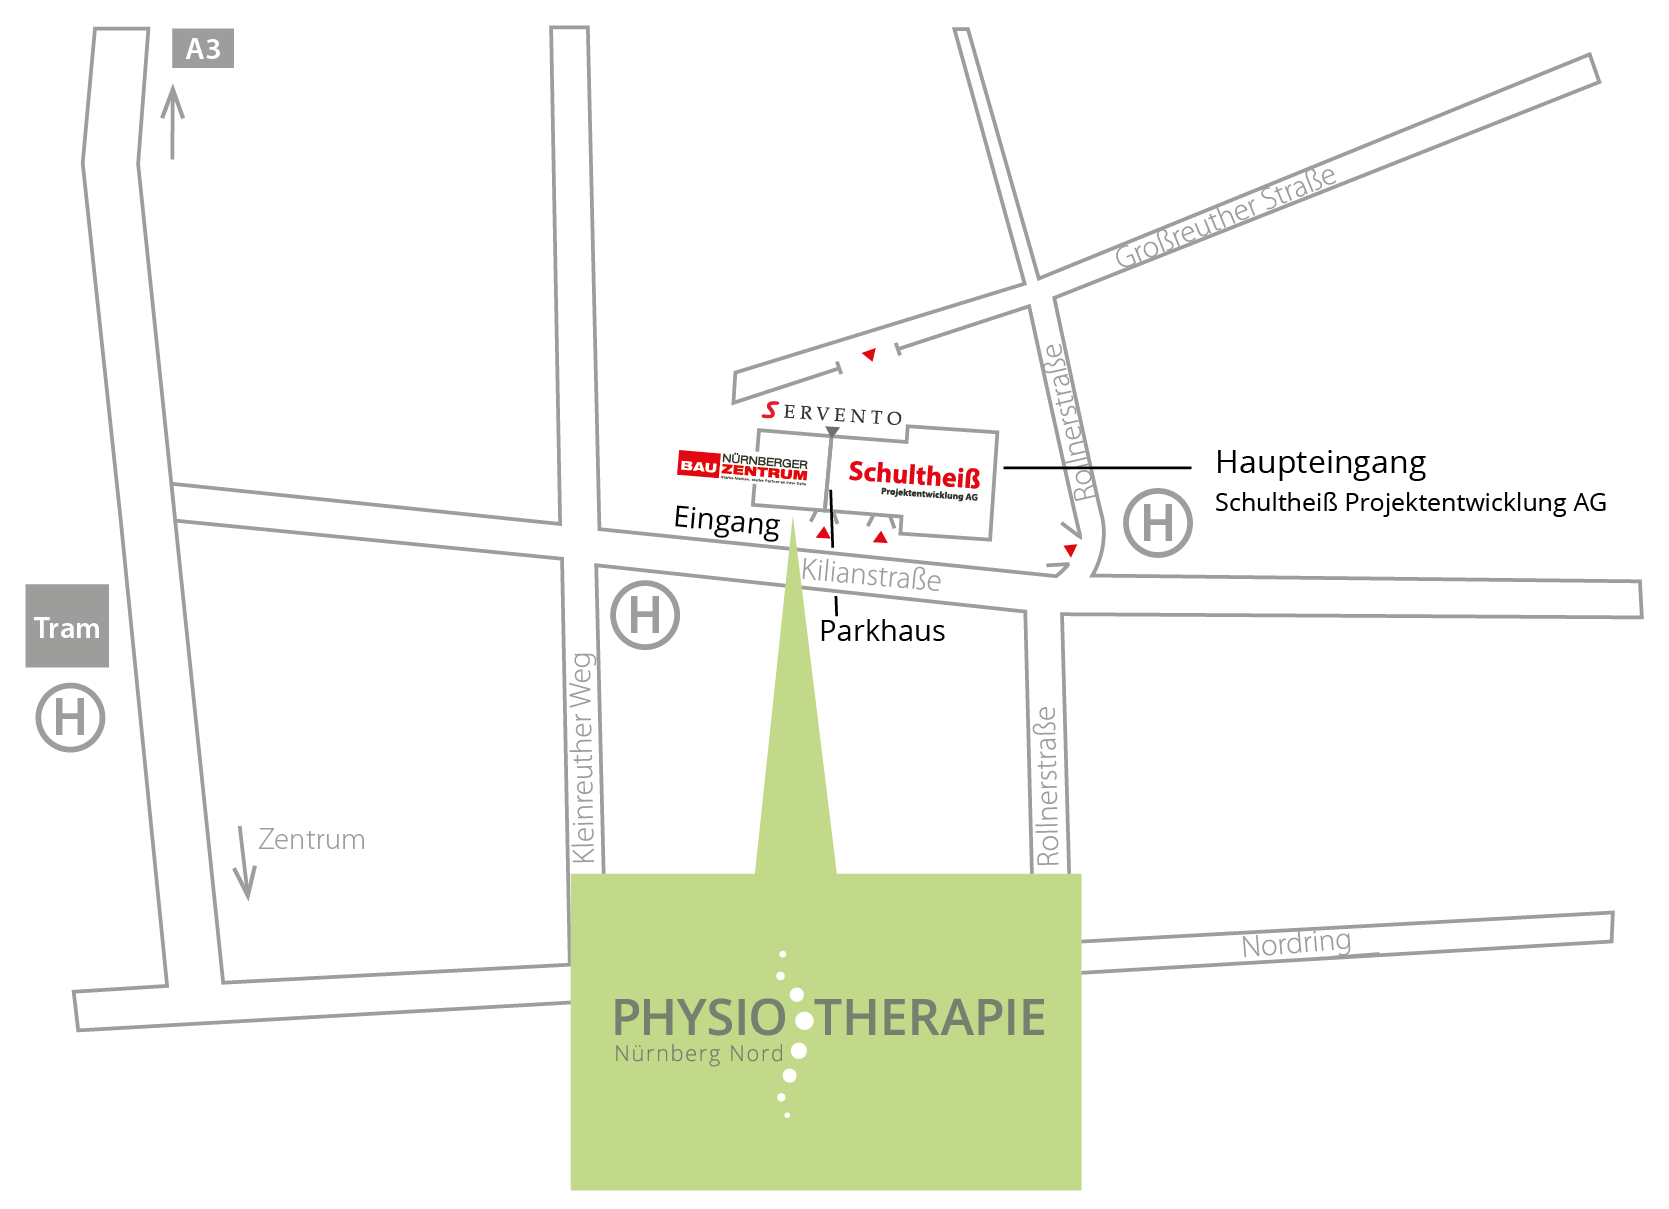 Wegbeschreibung _Physiotherapie_Nuernberg